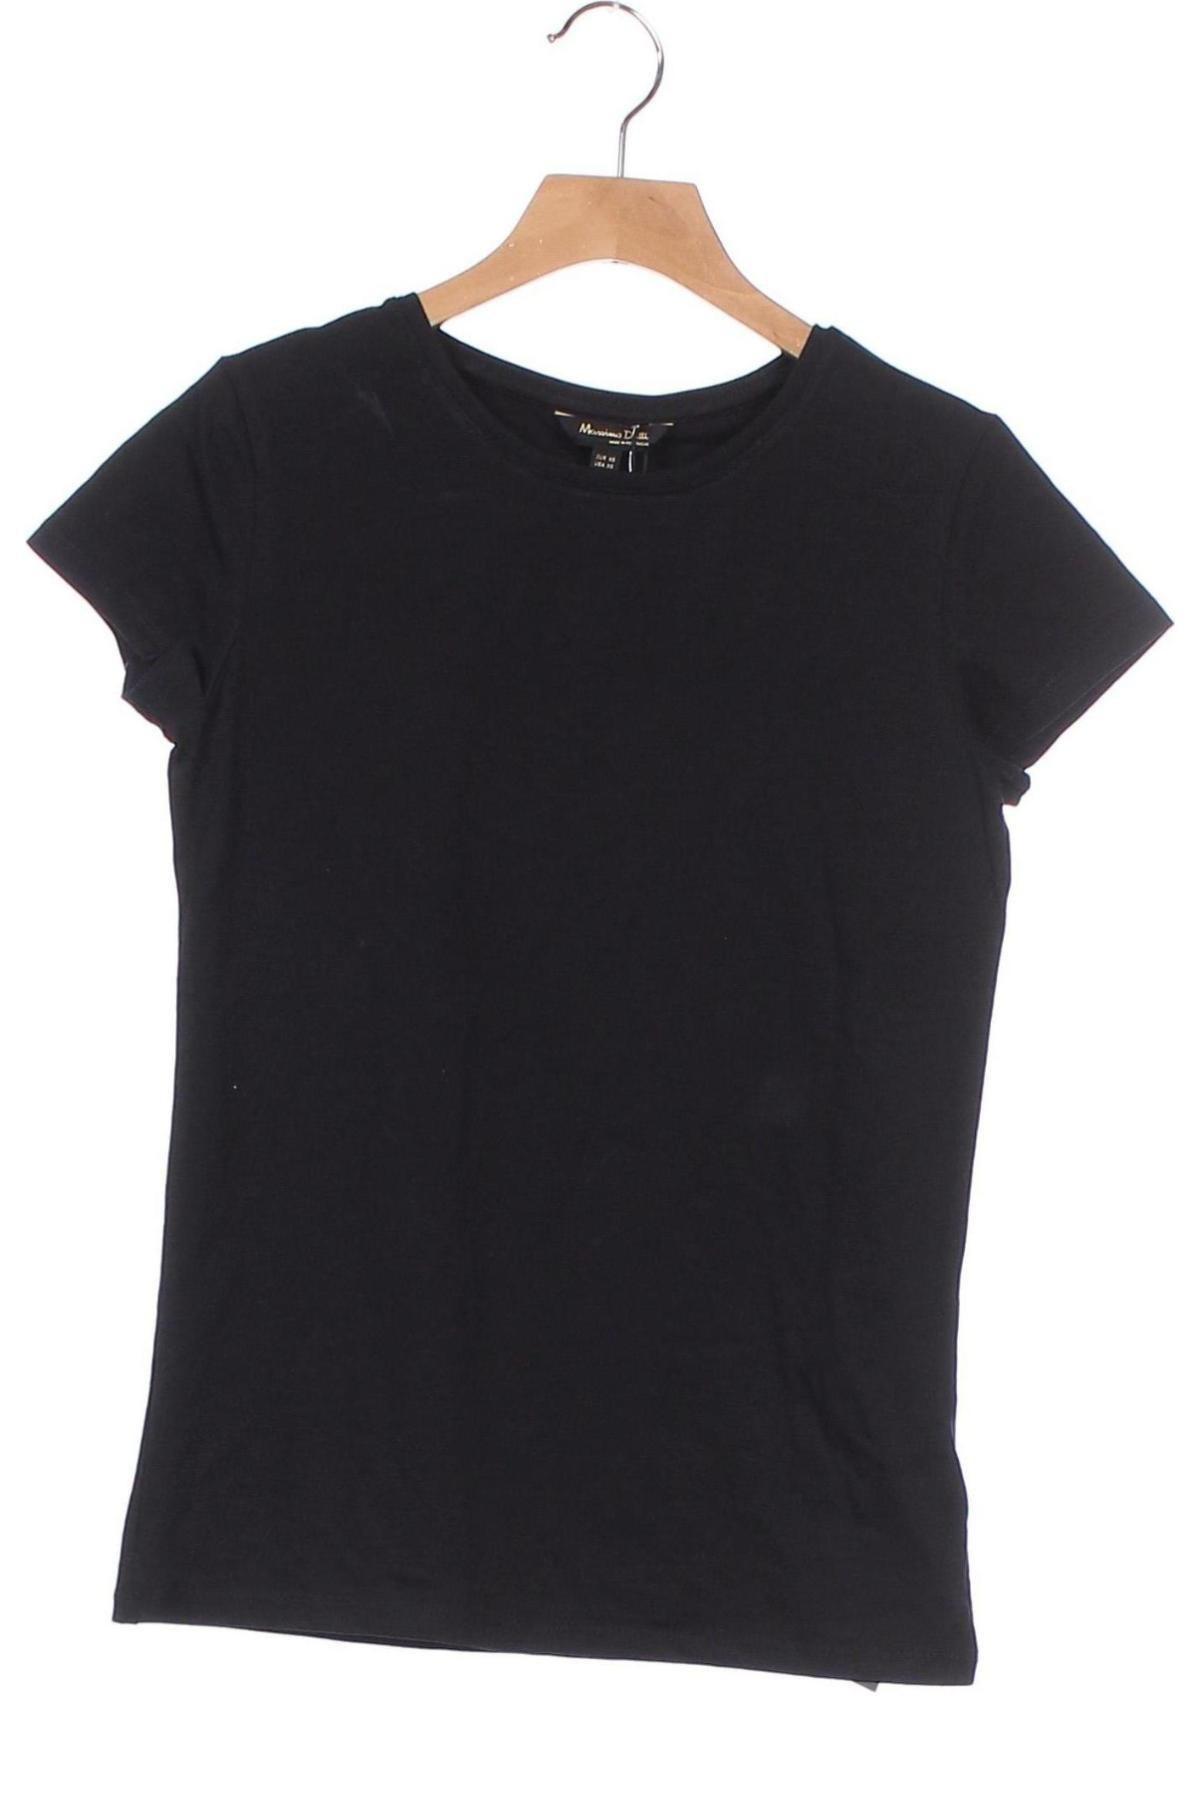 Дамска тениска Massimo Dutti, Размер XS, Цвят Черен, 92% памук, 8% еластан, Цена 36,75лв.